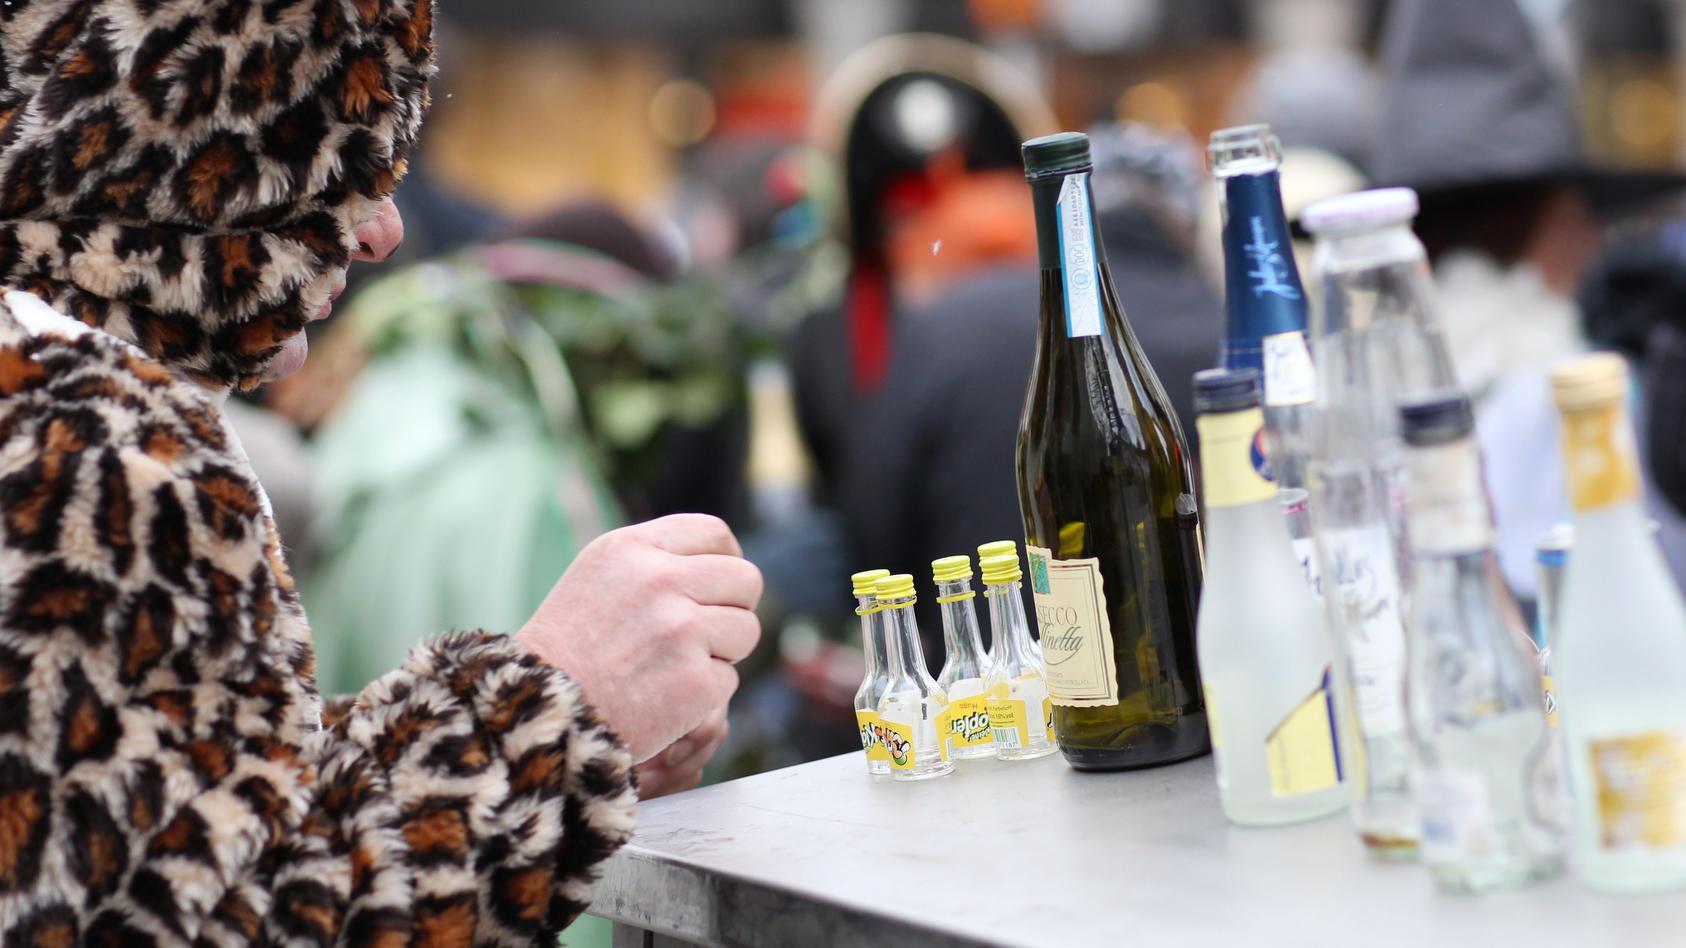 An Karneval wird oft viel durcheinandergetrunken - und der Kater am nächsten Tag lässt sich kaum vermeiden.